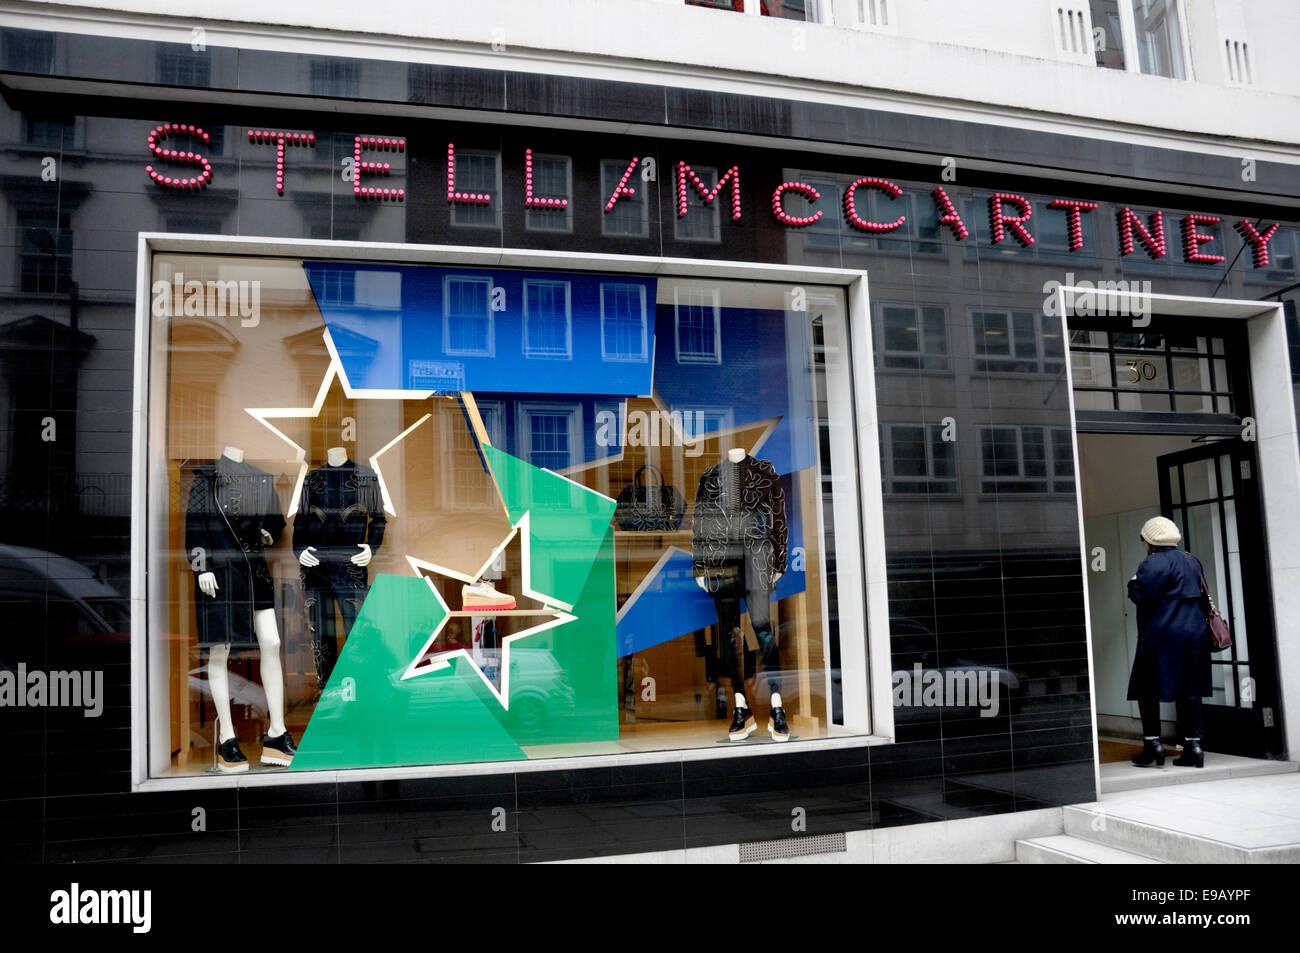 71d19b8e00a8 Stella Mccartney Fashion Store Immagini   Stella Mccartney Fashion ...